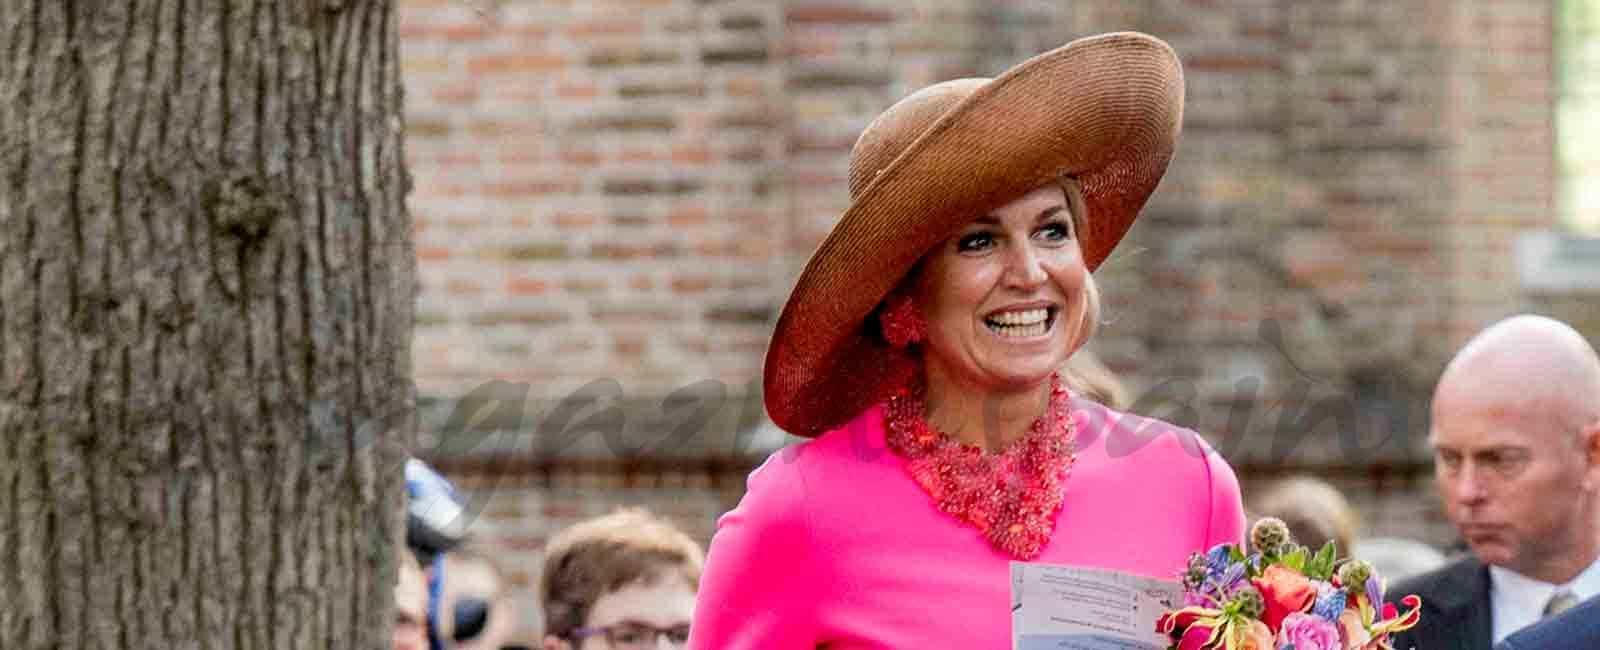 Los reyes de Holanda reciben un original regalo